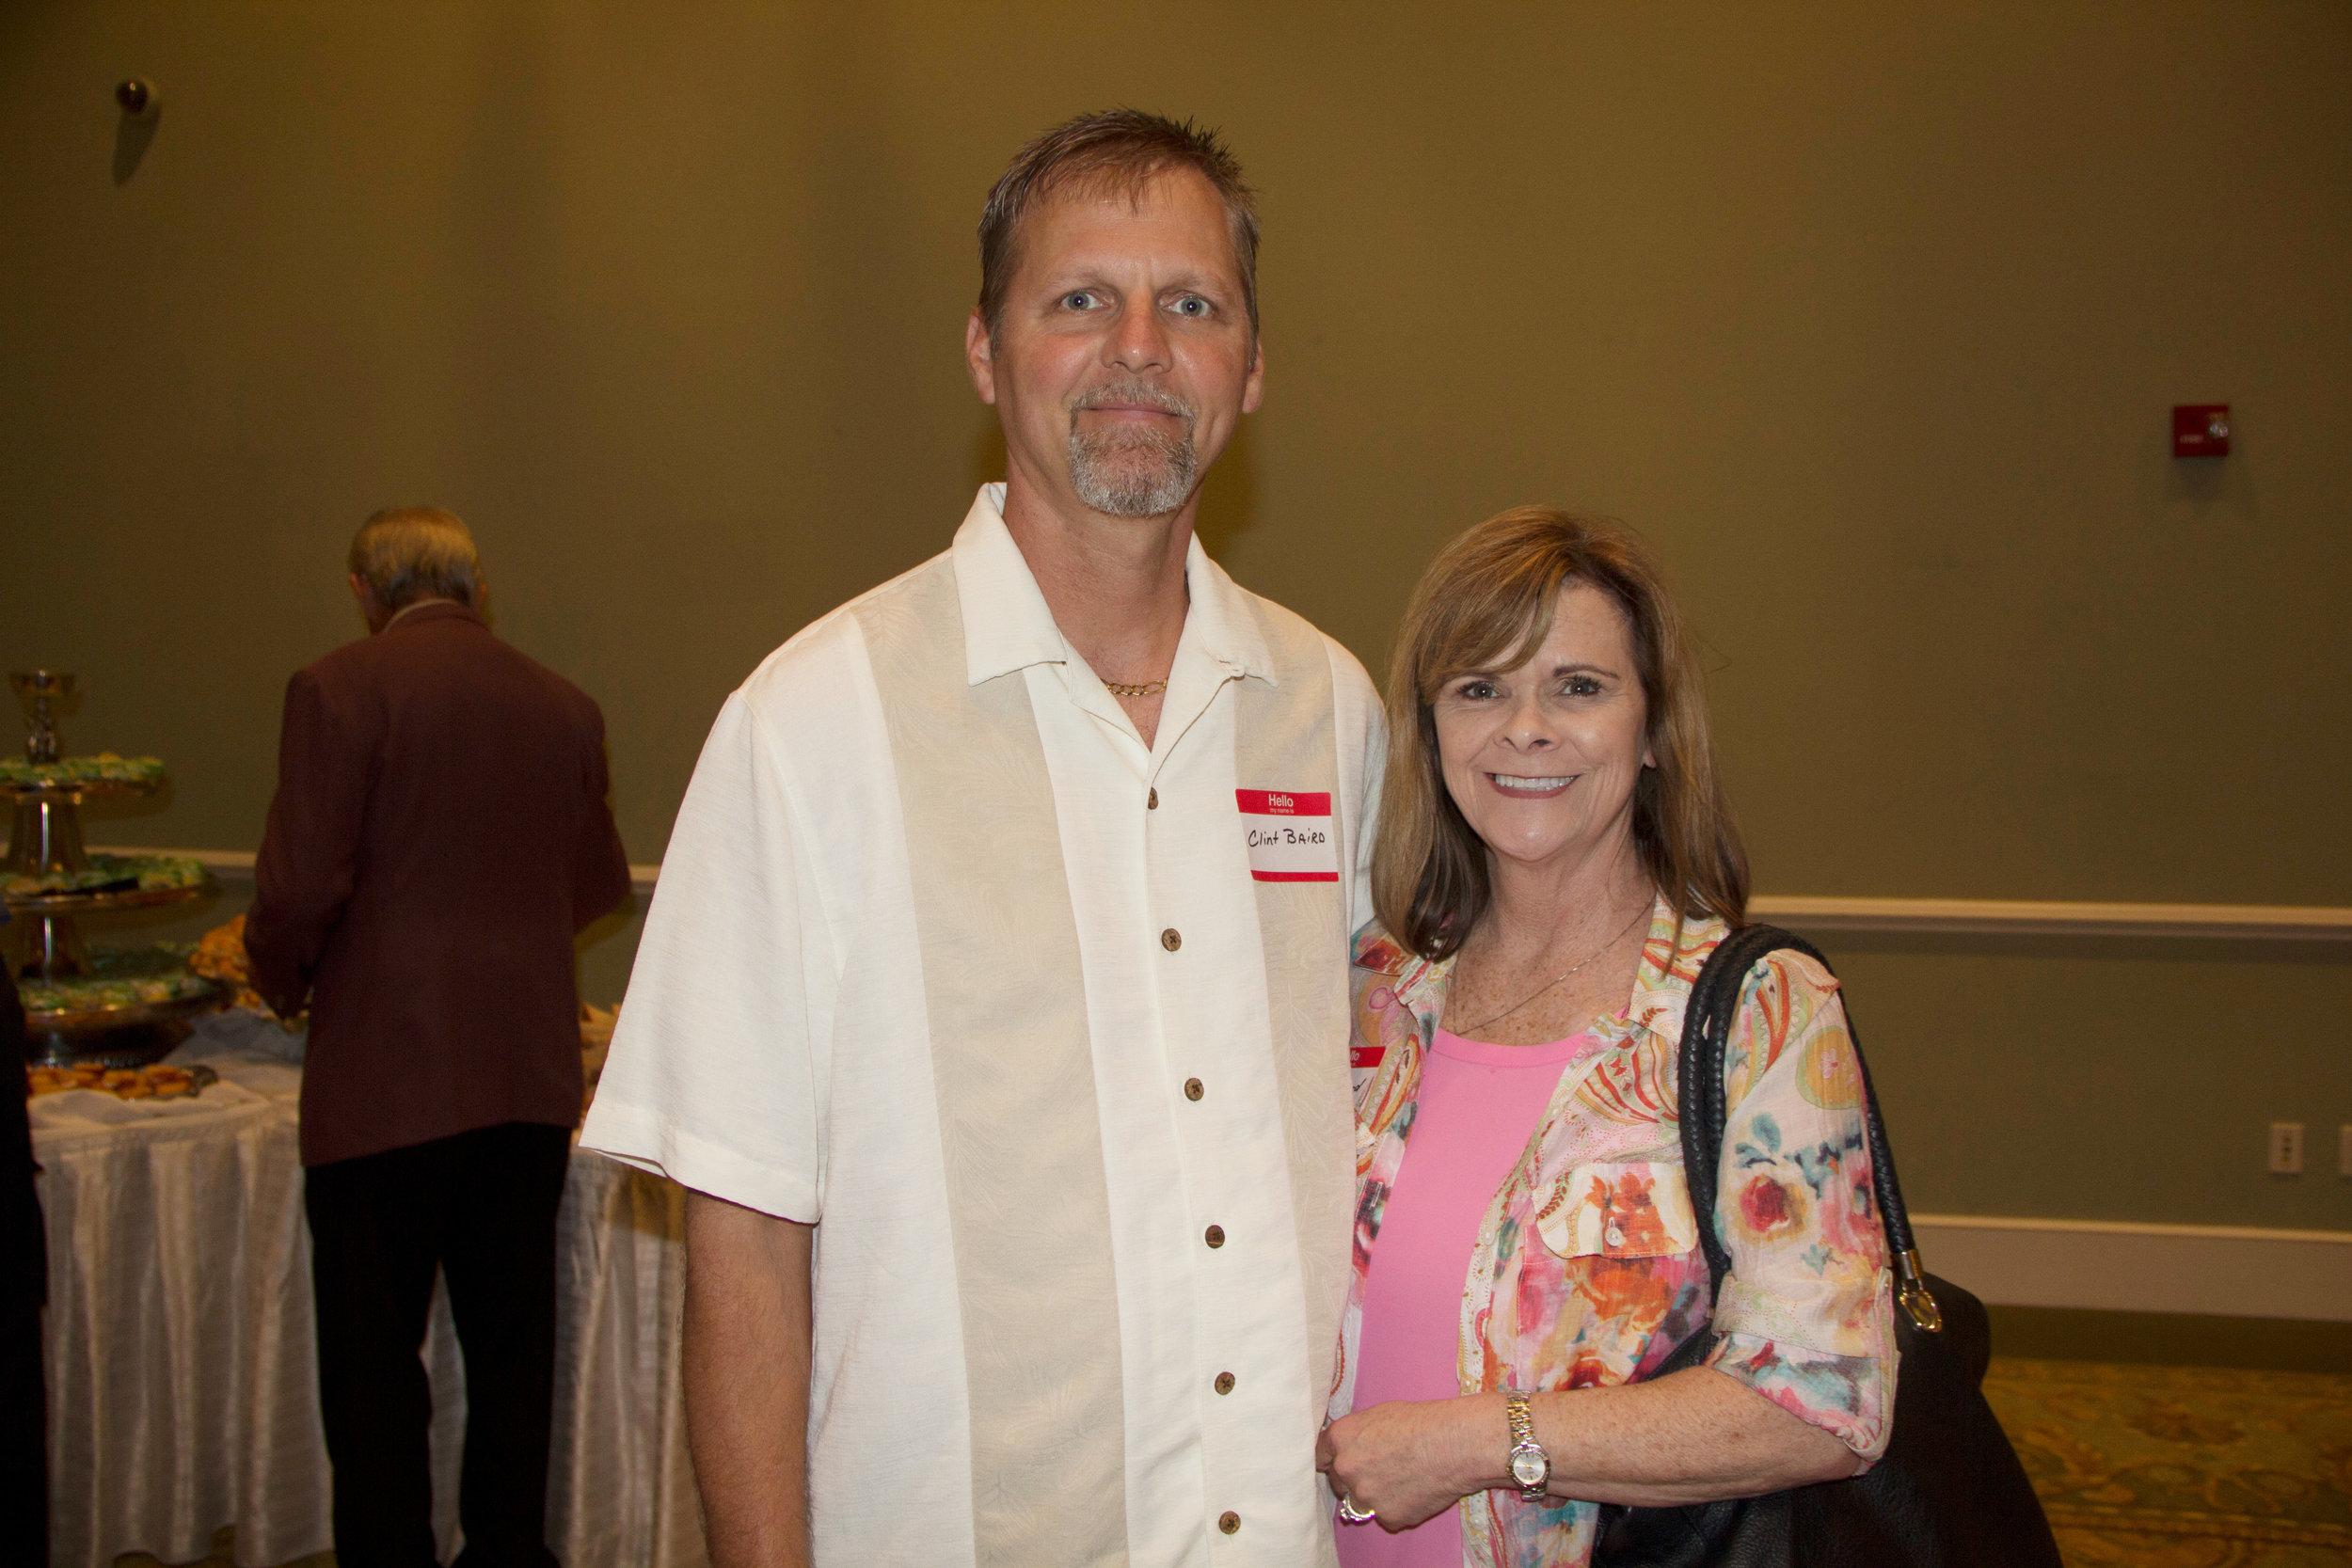 Clint and Lynn Baird